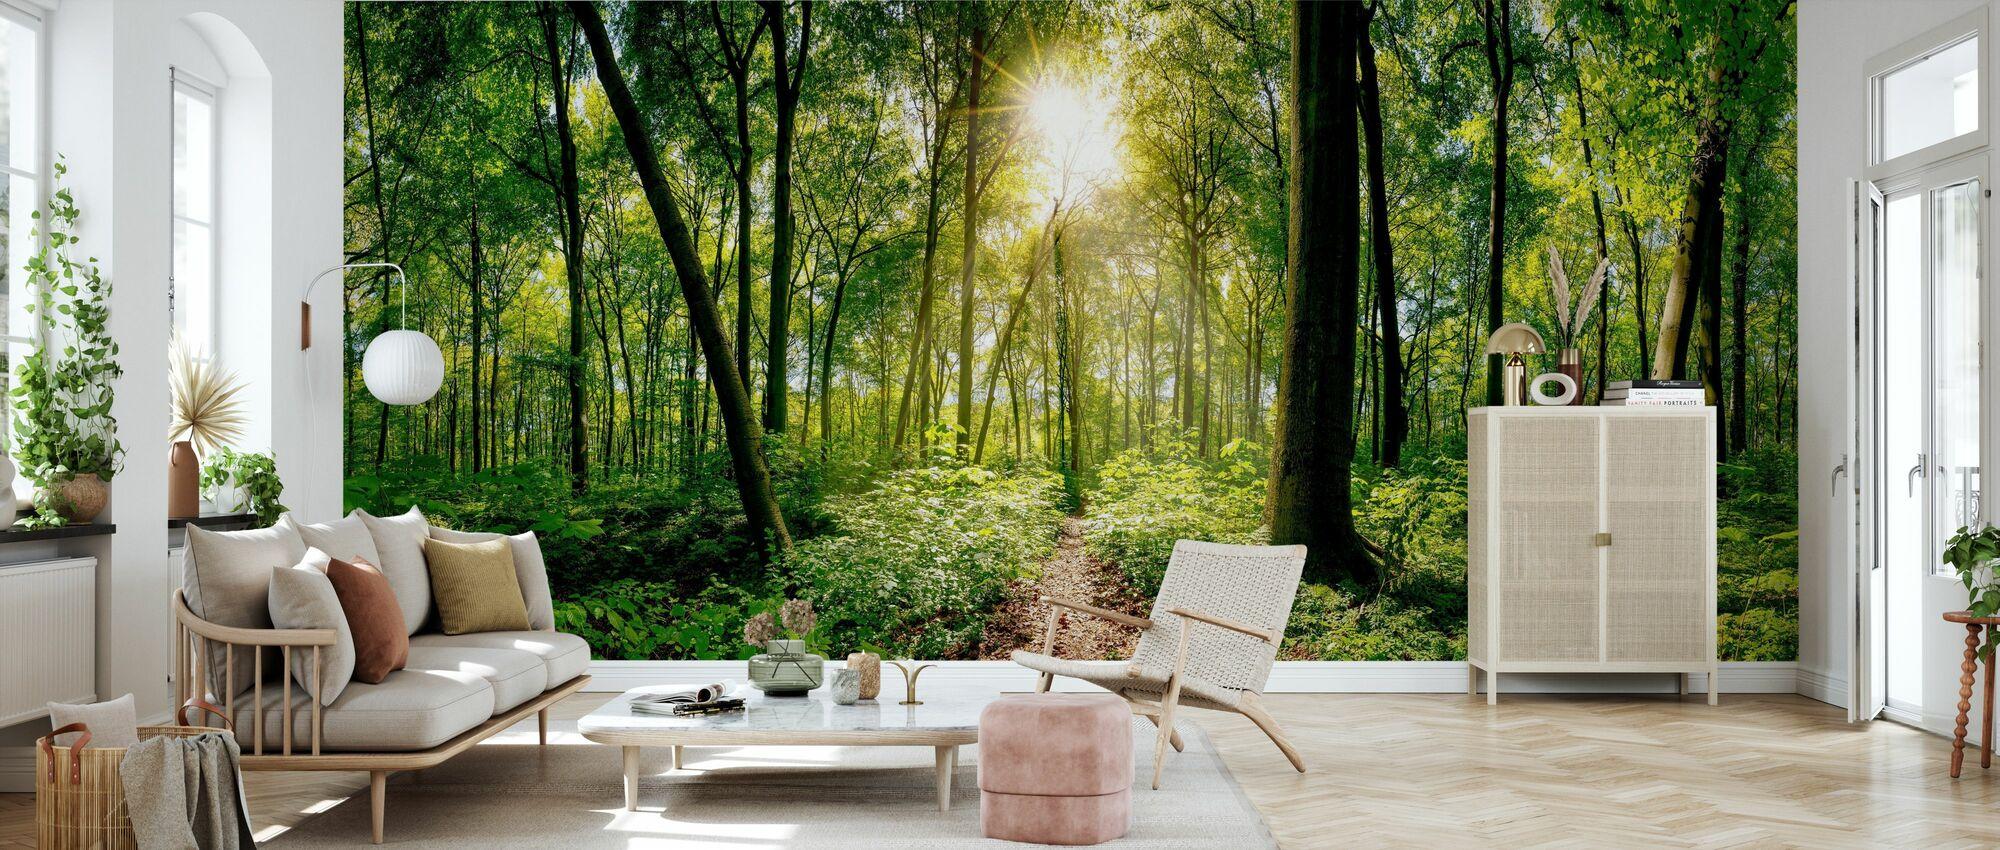 Skog - Tapet - Vardagsrum